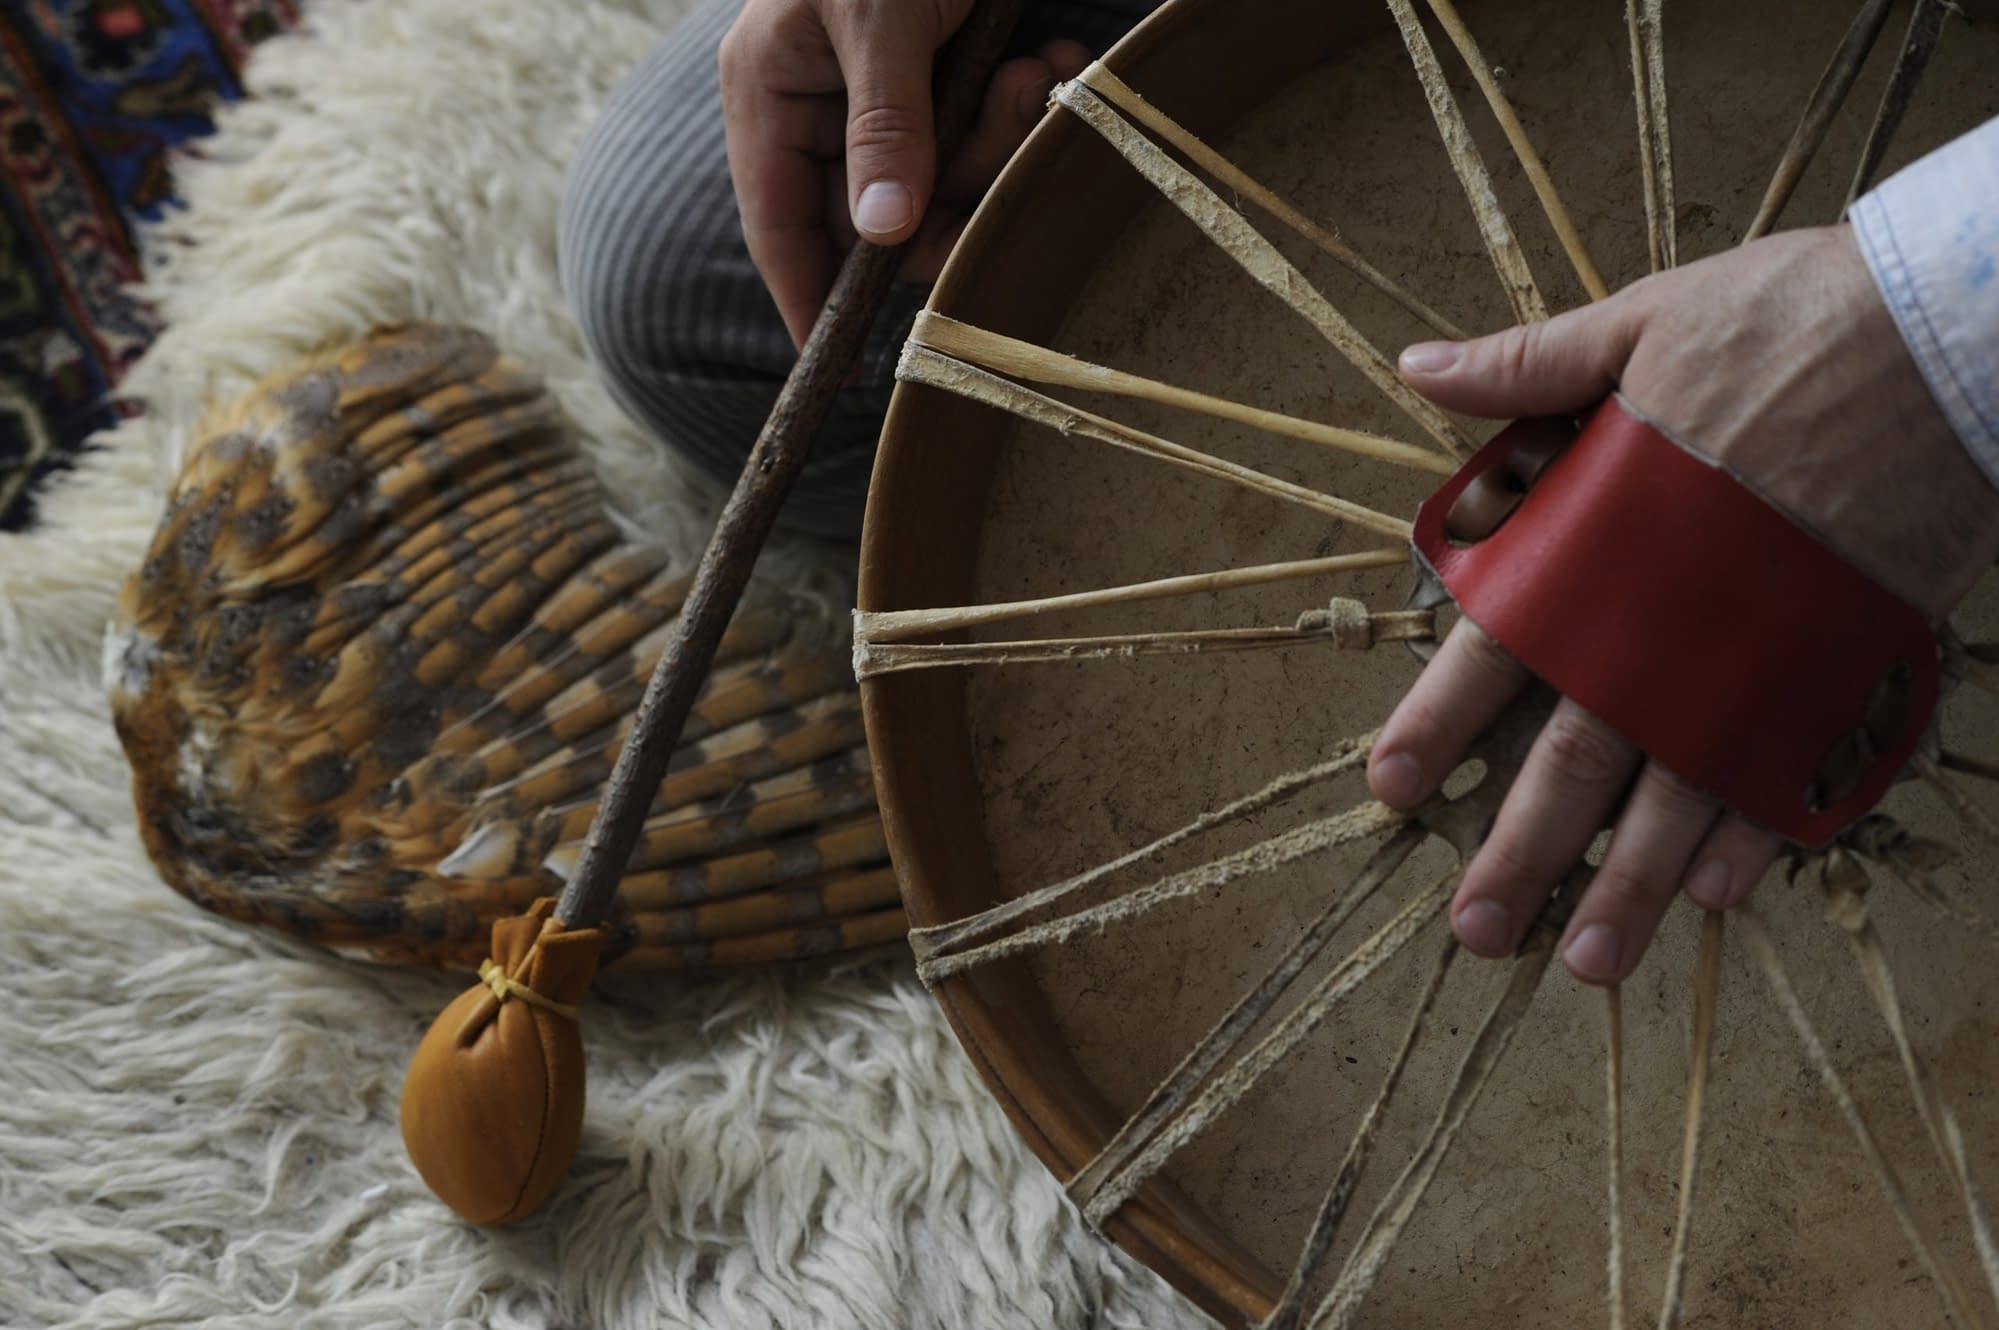 Où recevoir une initiation tambour chamanique et chant intuitif à Paris et alentours ?